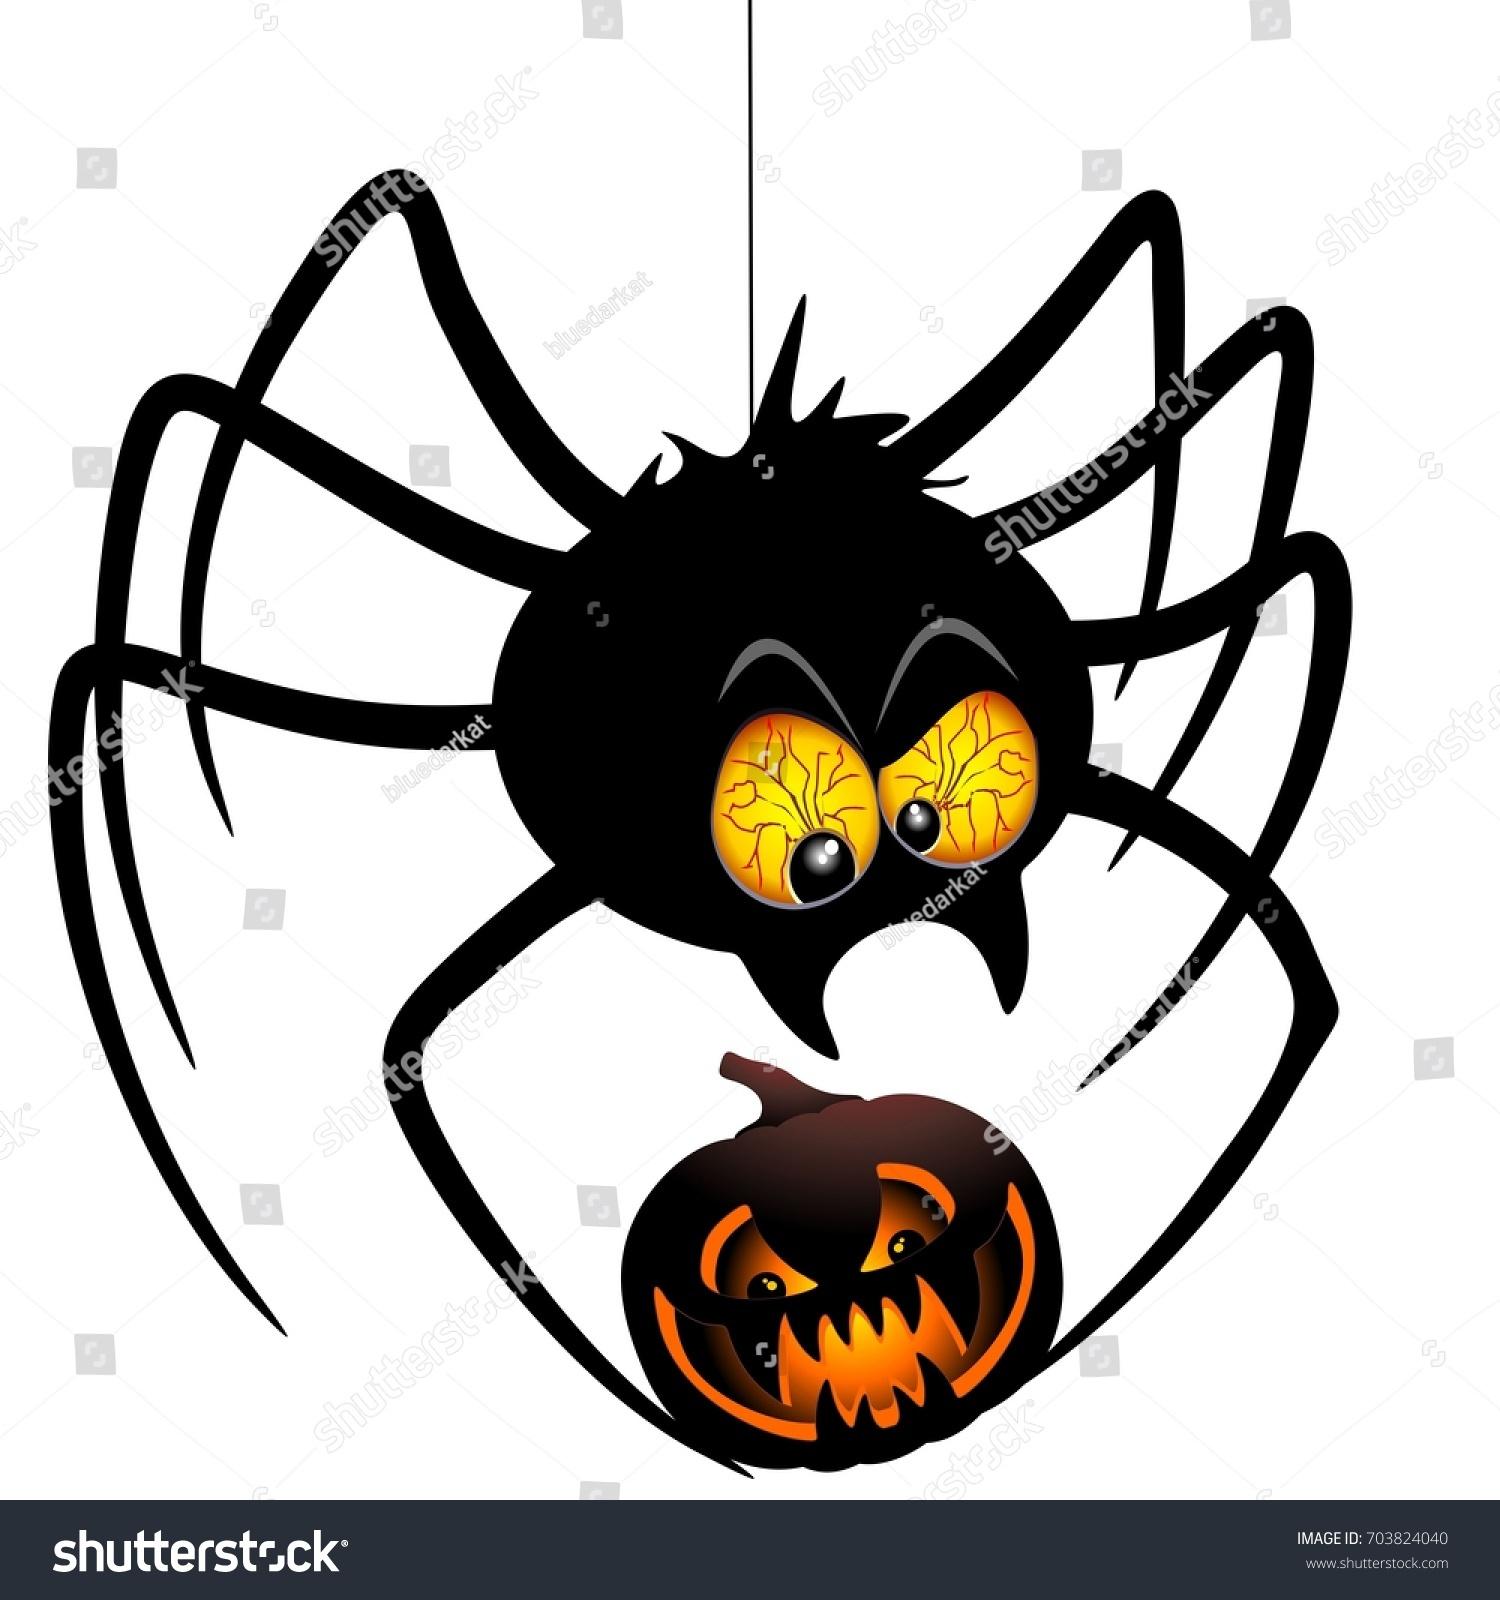 Image Vectorielle De Stock De Dessin D'araignée D'halloween intérieur Dessiner Une Araignee